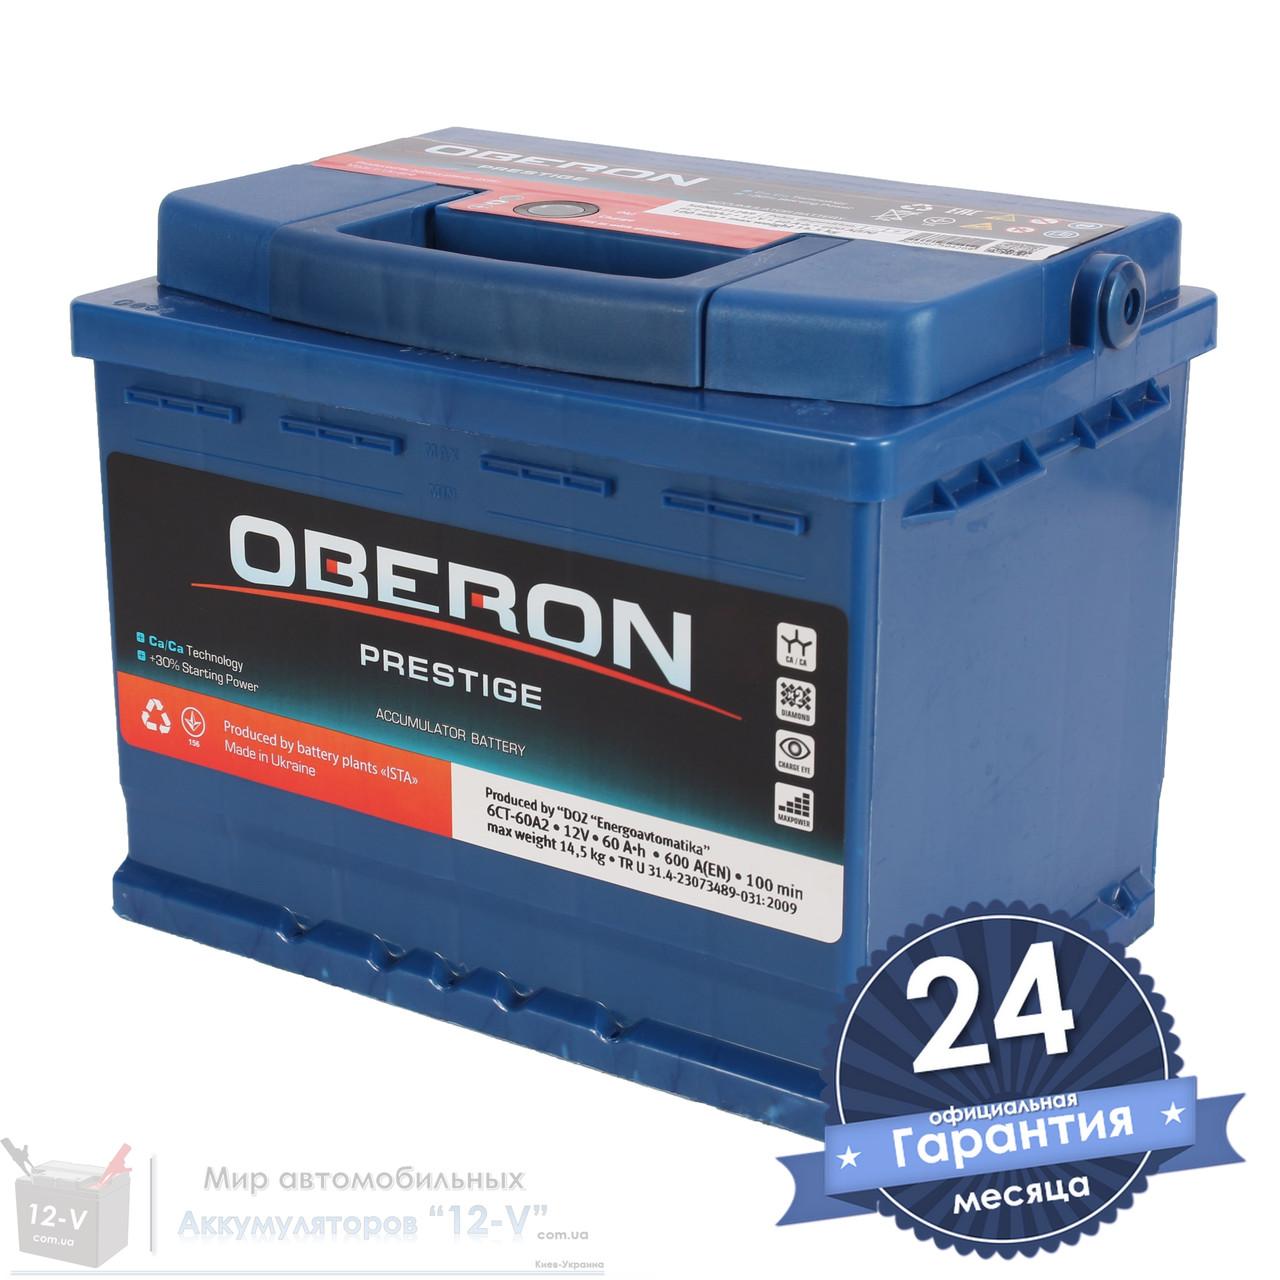 Аккумулятор автомобильный OBERON Prestige 6CT 60Ah, пусковой ток 600А (Низкий) [–|+]